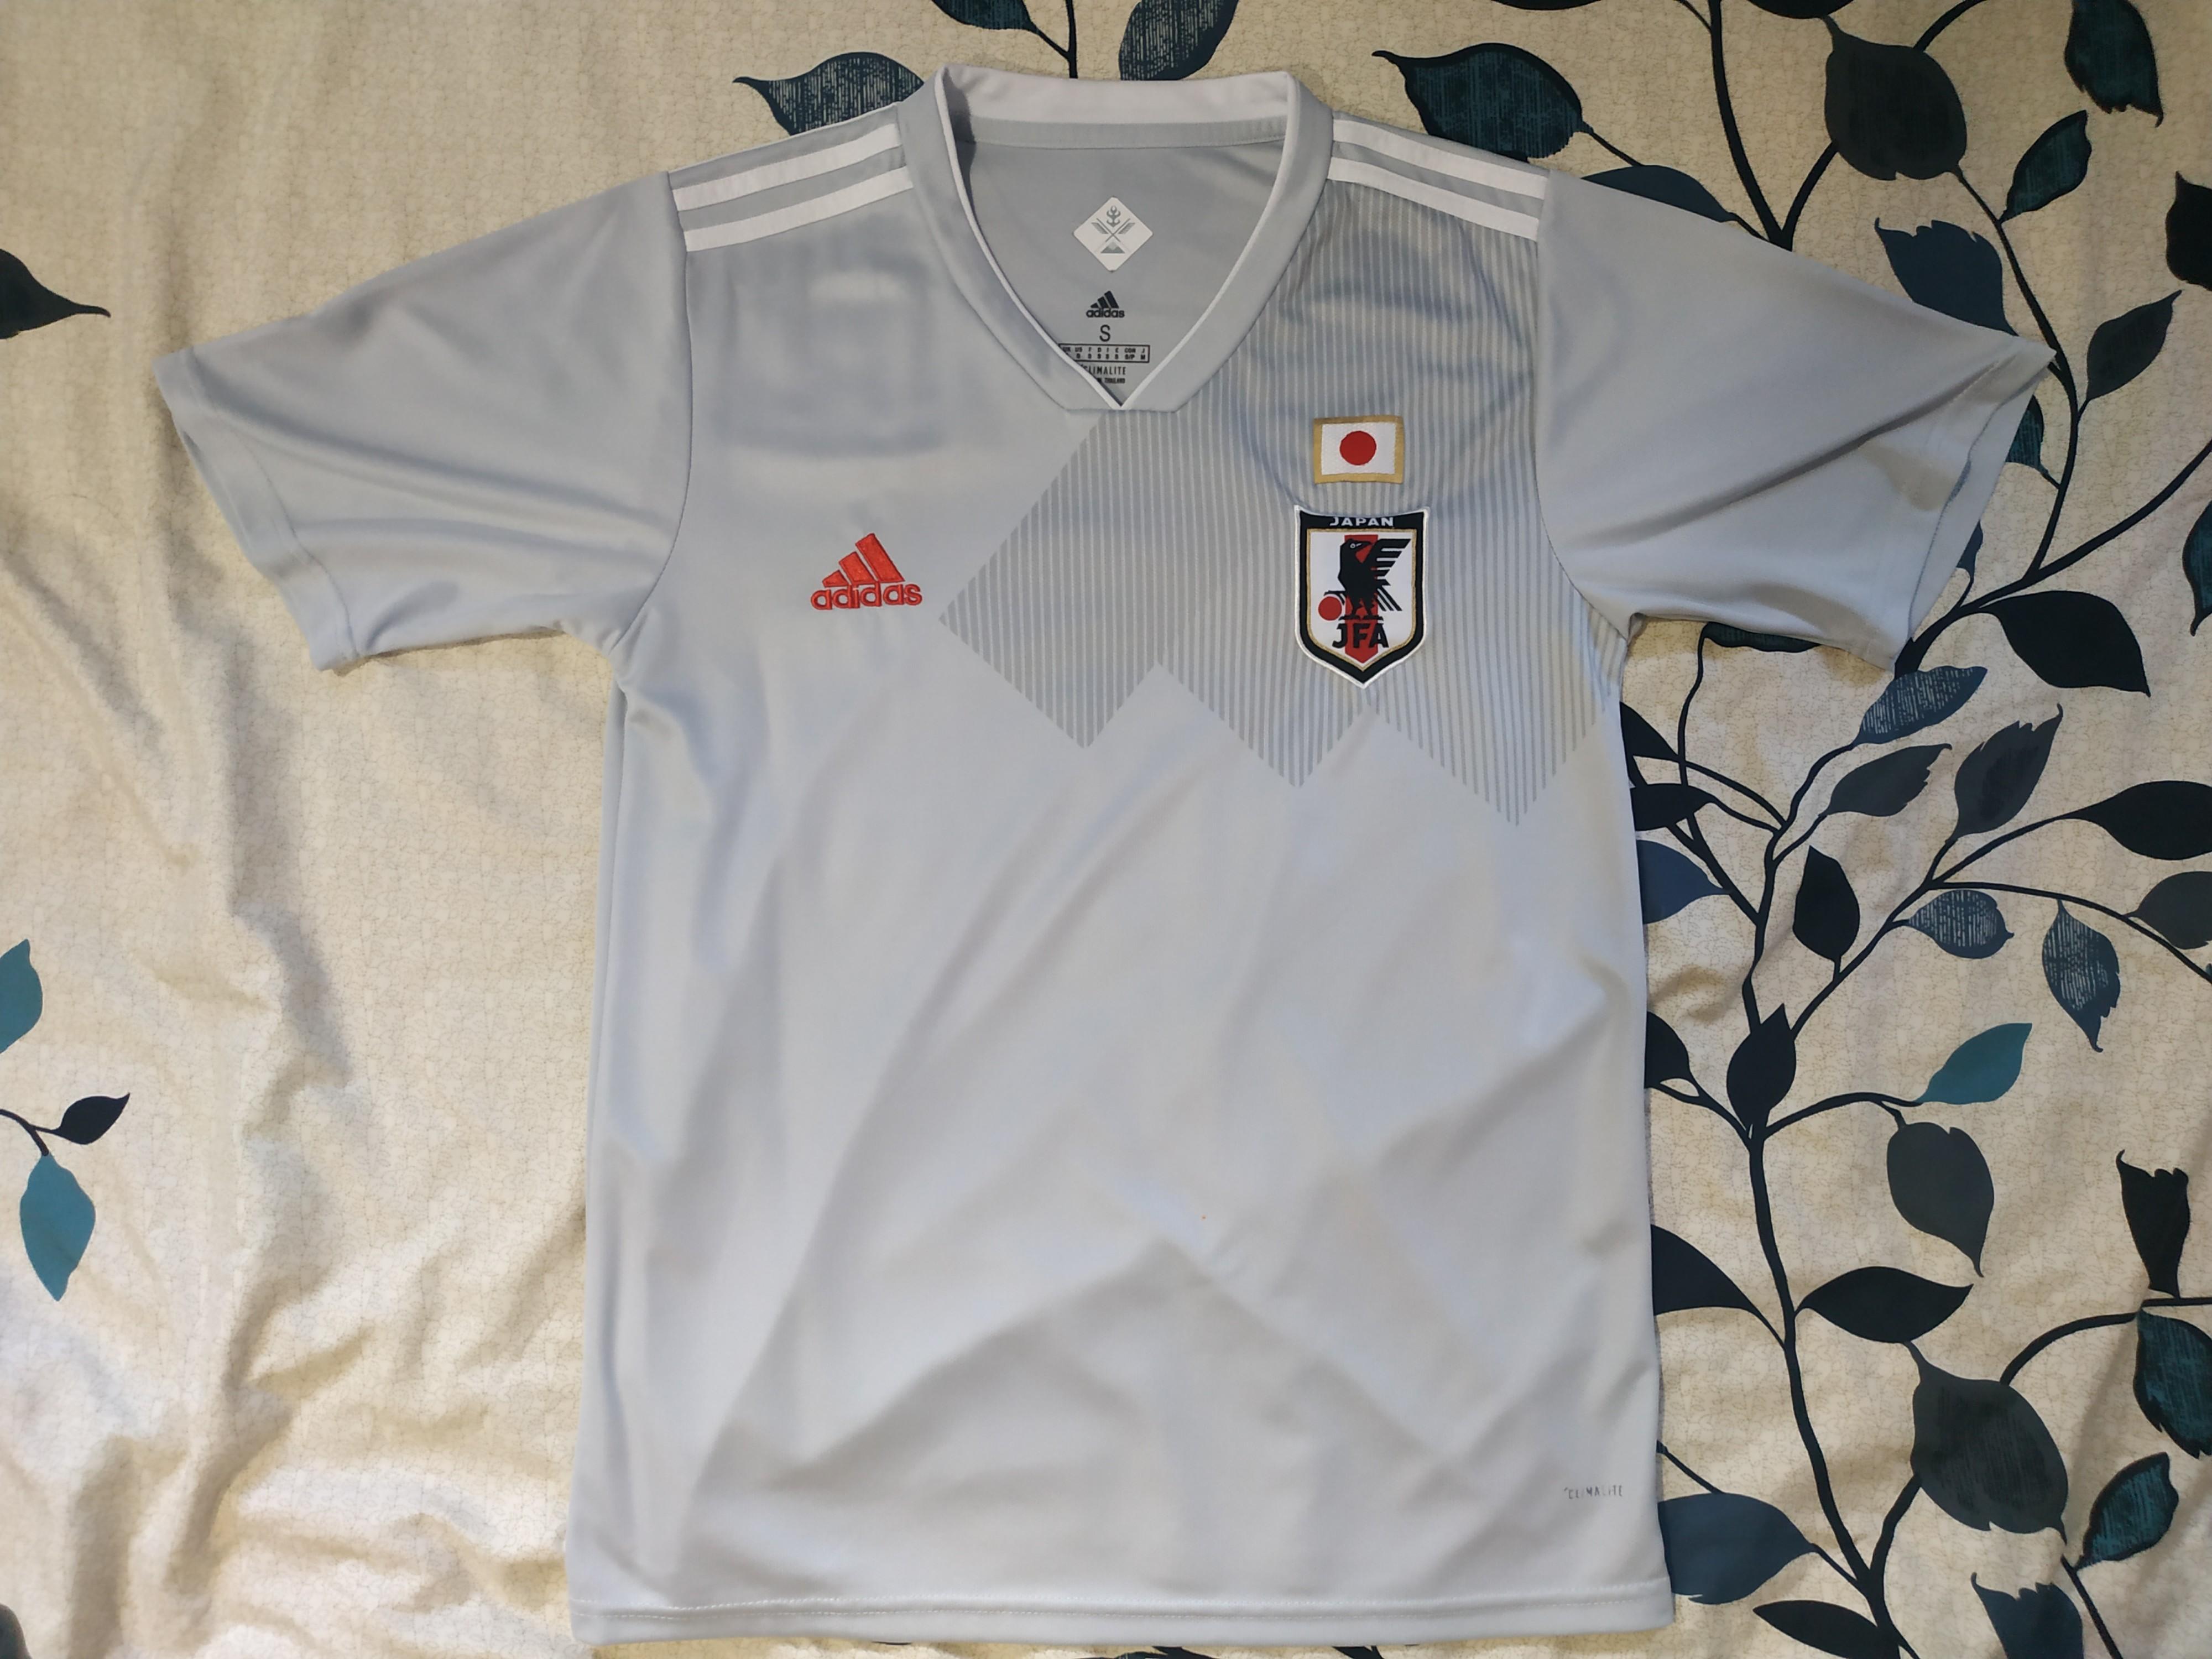 19d8cac541c9 BN Japan 2018 Football Jersey Shirt